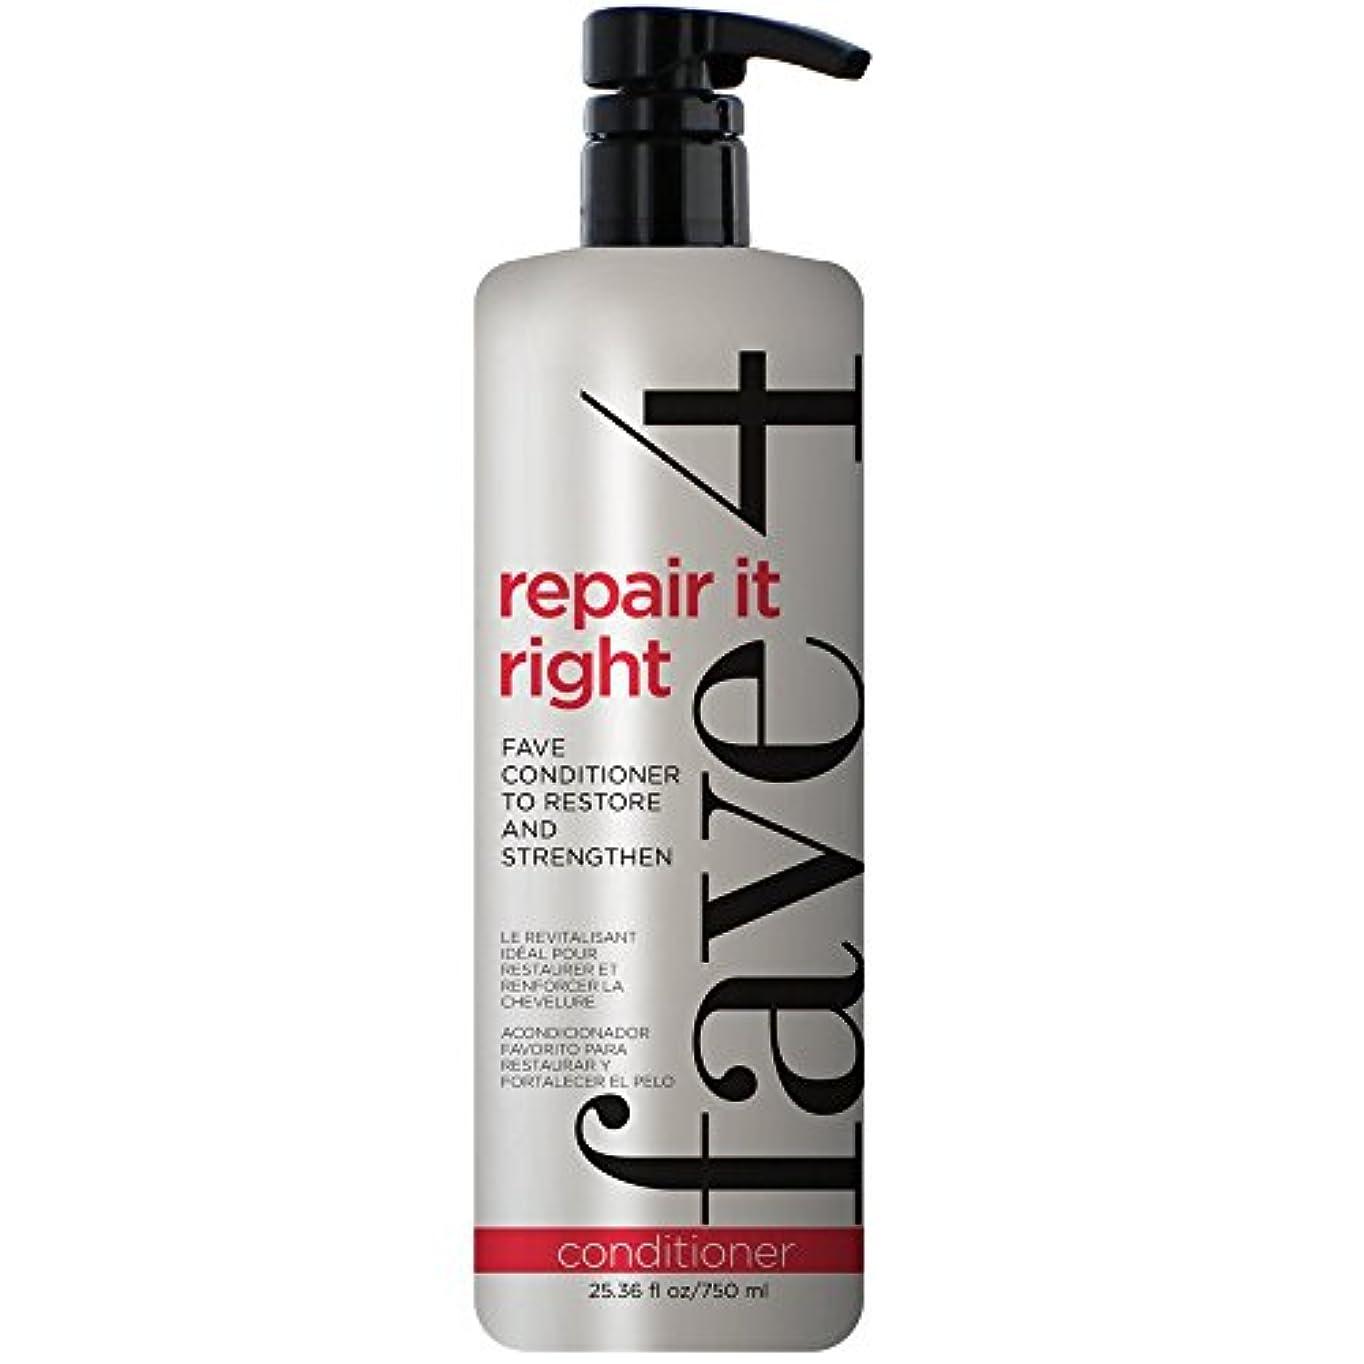 ロータリー休日に華氏fave4 パラベンフリー   グルテンフリー 無添加塩化ナトリウム 虐待無料 髪の処理された色のために安全、25.36オンスの復元とStrengthen-硫酸フリーには、右フェイブConditonerファナティックサイズ...